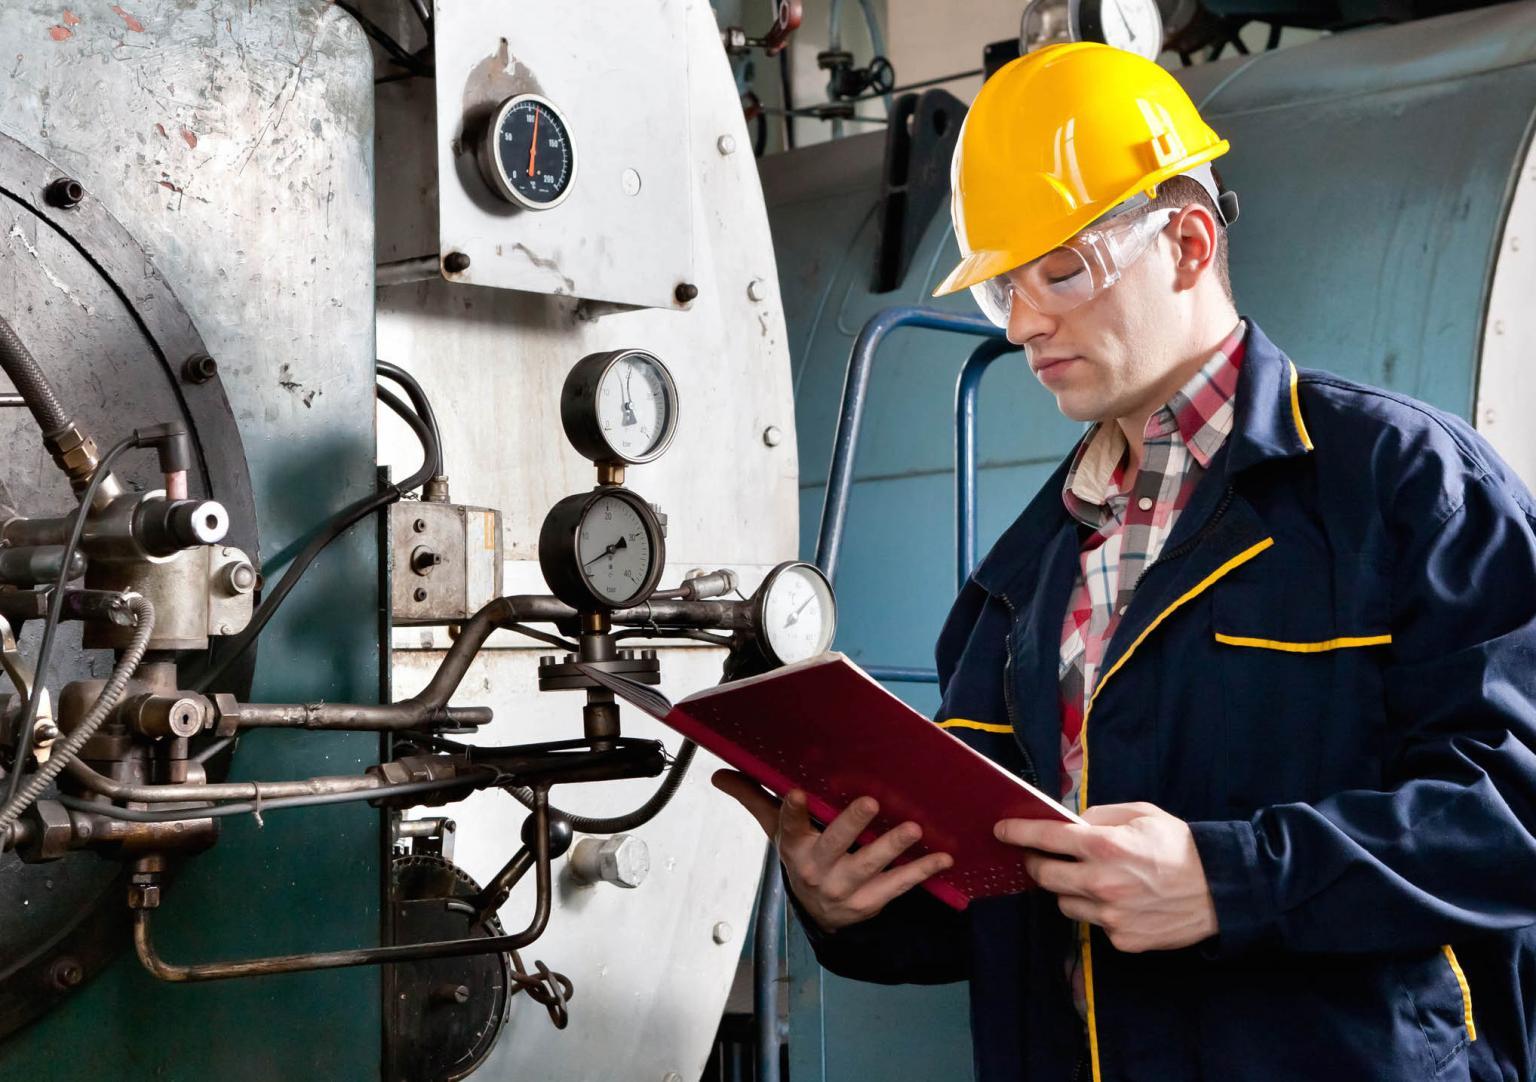 Worker maintaining machinery